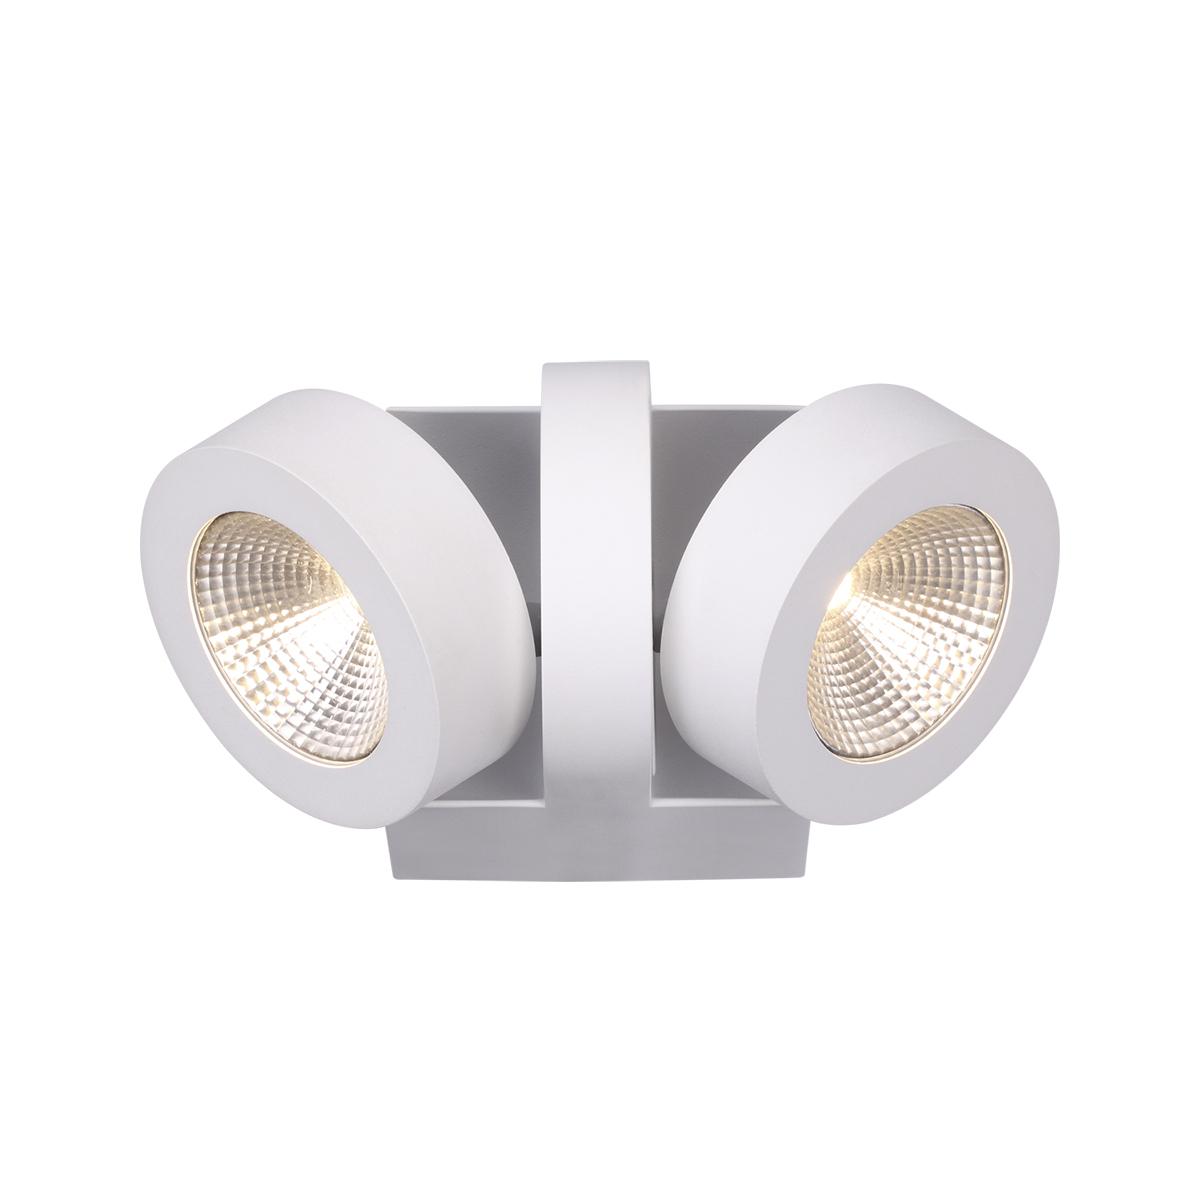 Потолочный светодиодный светильник с регулировкой направления света Odeon Light Laconis 3538/2WA, LED 20W, 3000K (теплый), белый, металл - фото 1